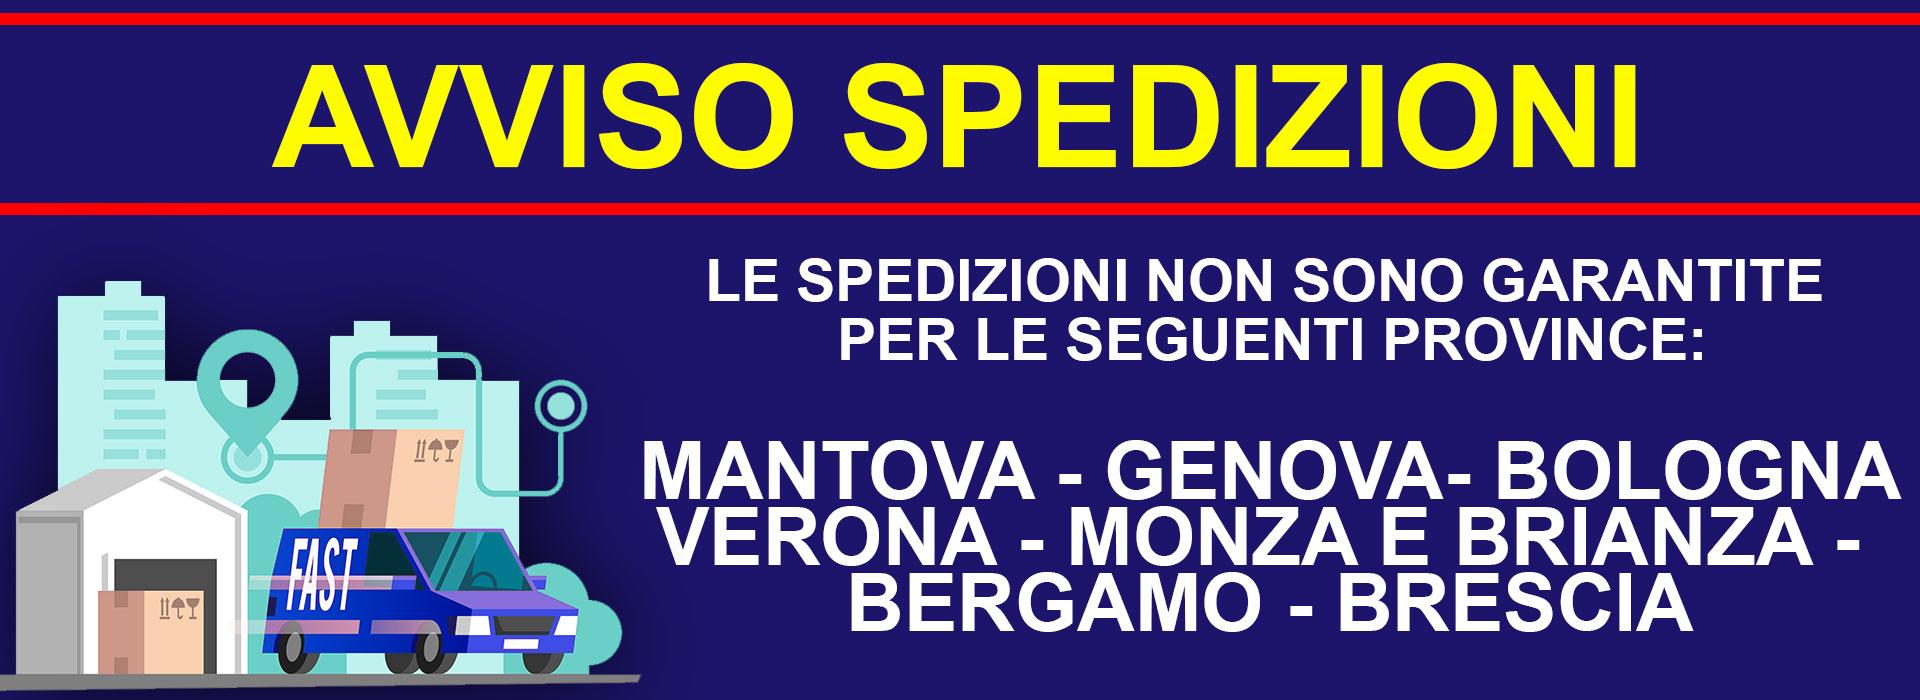 Spedizioni Bergamo Brescia